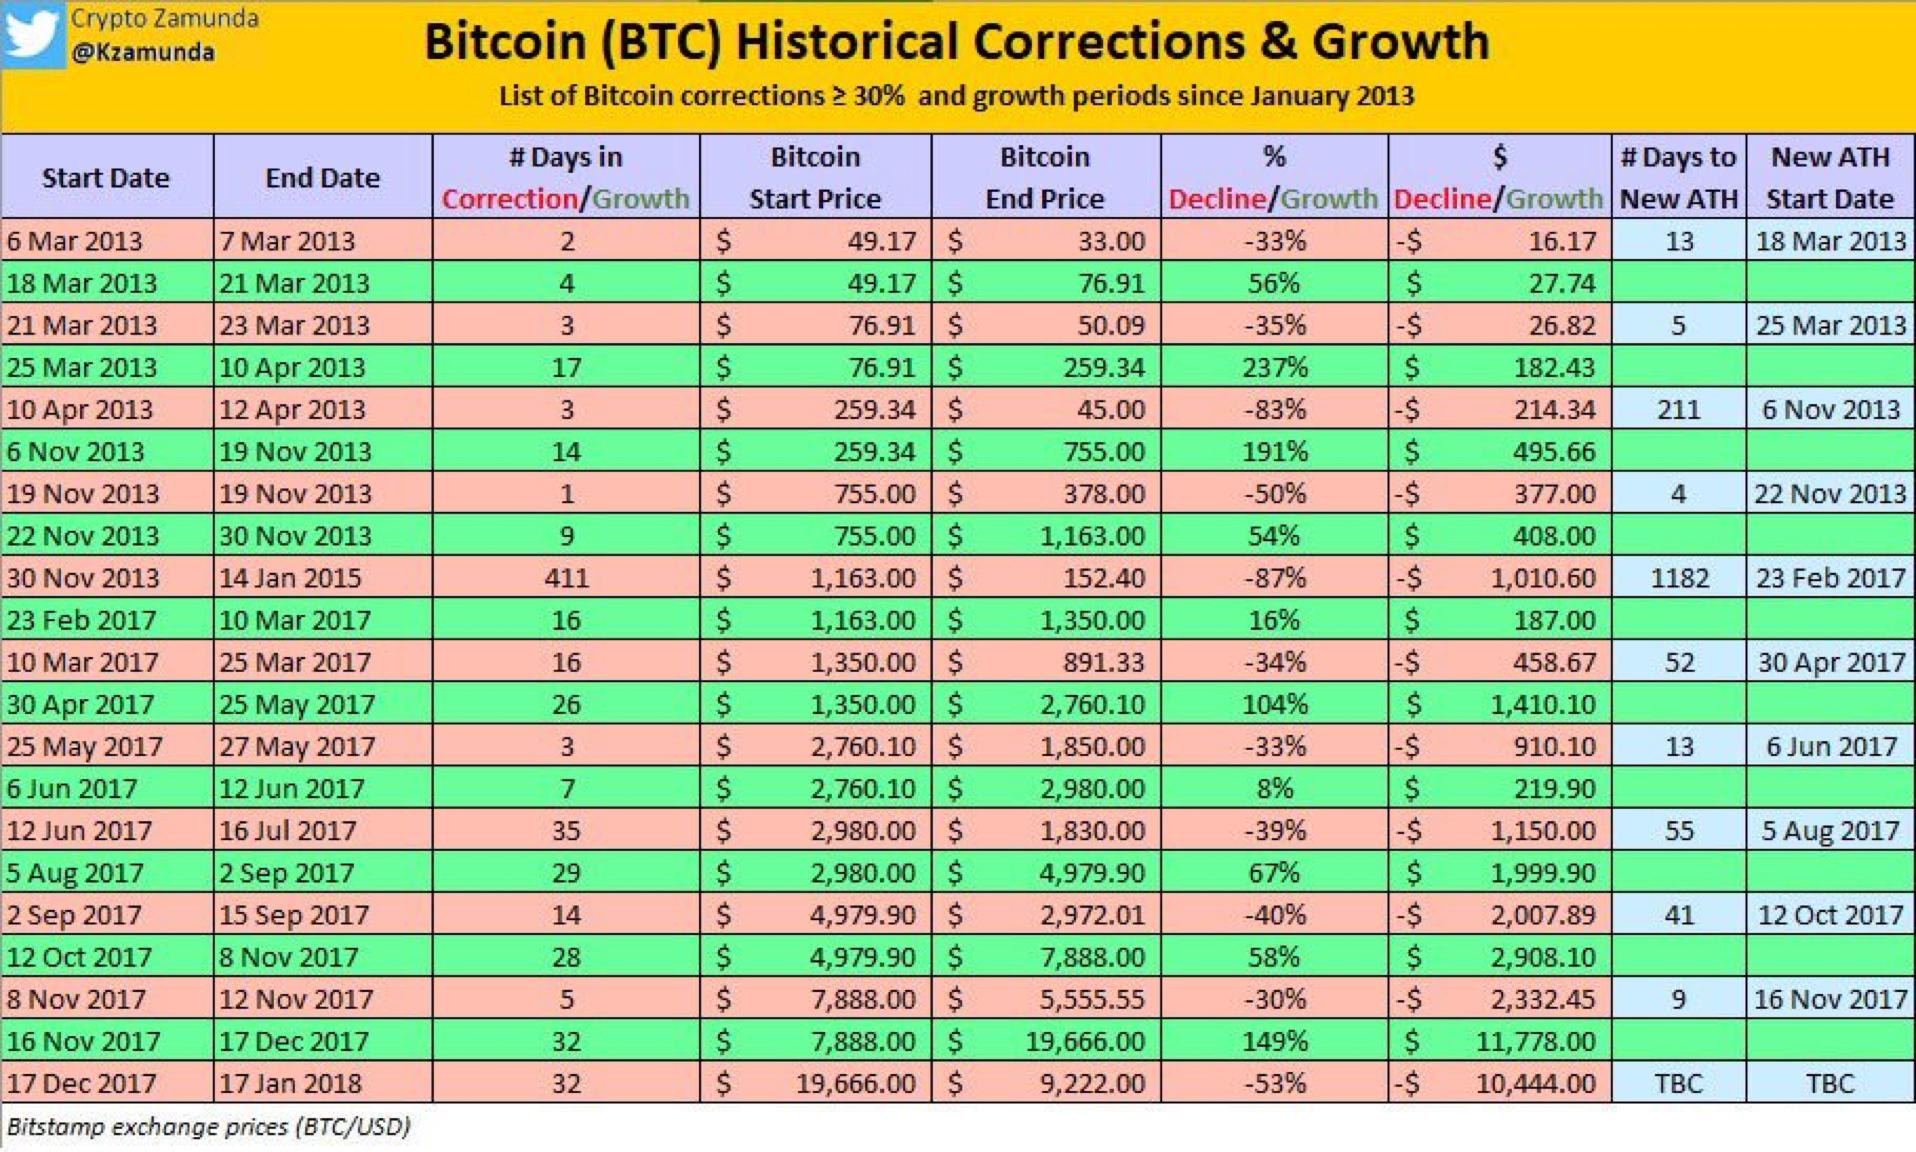 Bticoin (BTC) Historical Corrections & Growth